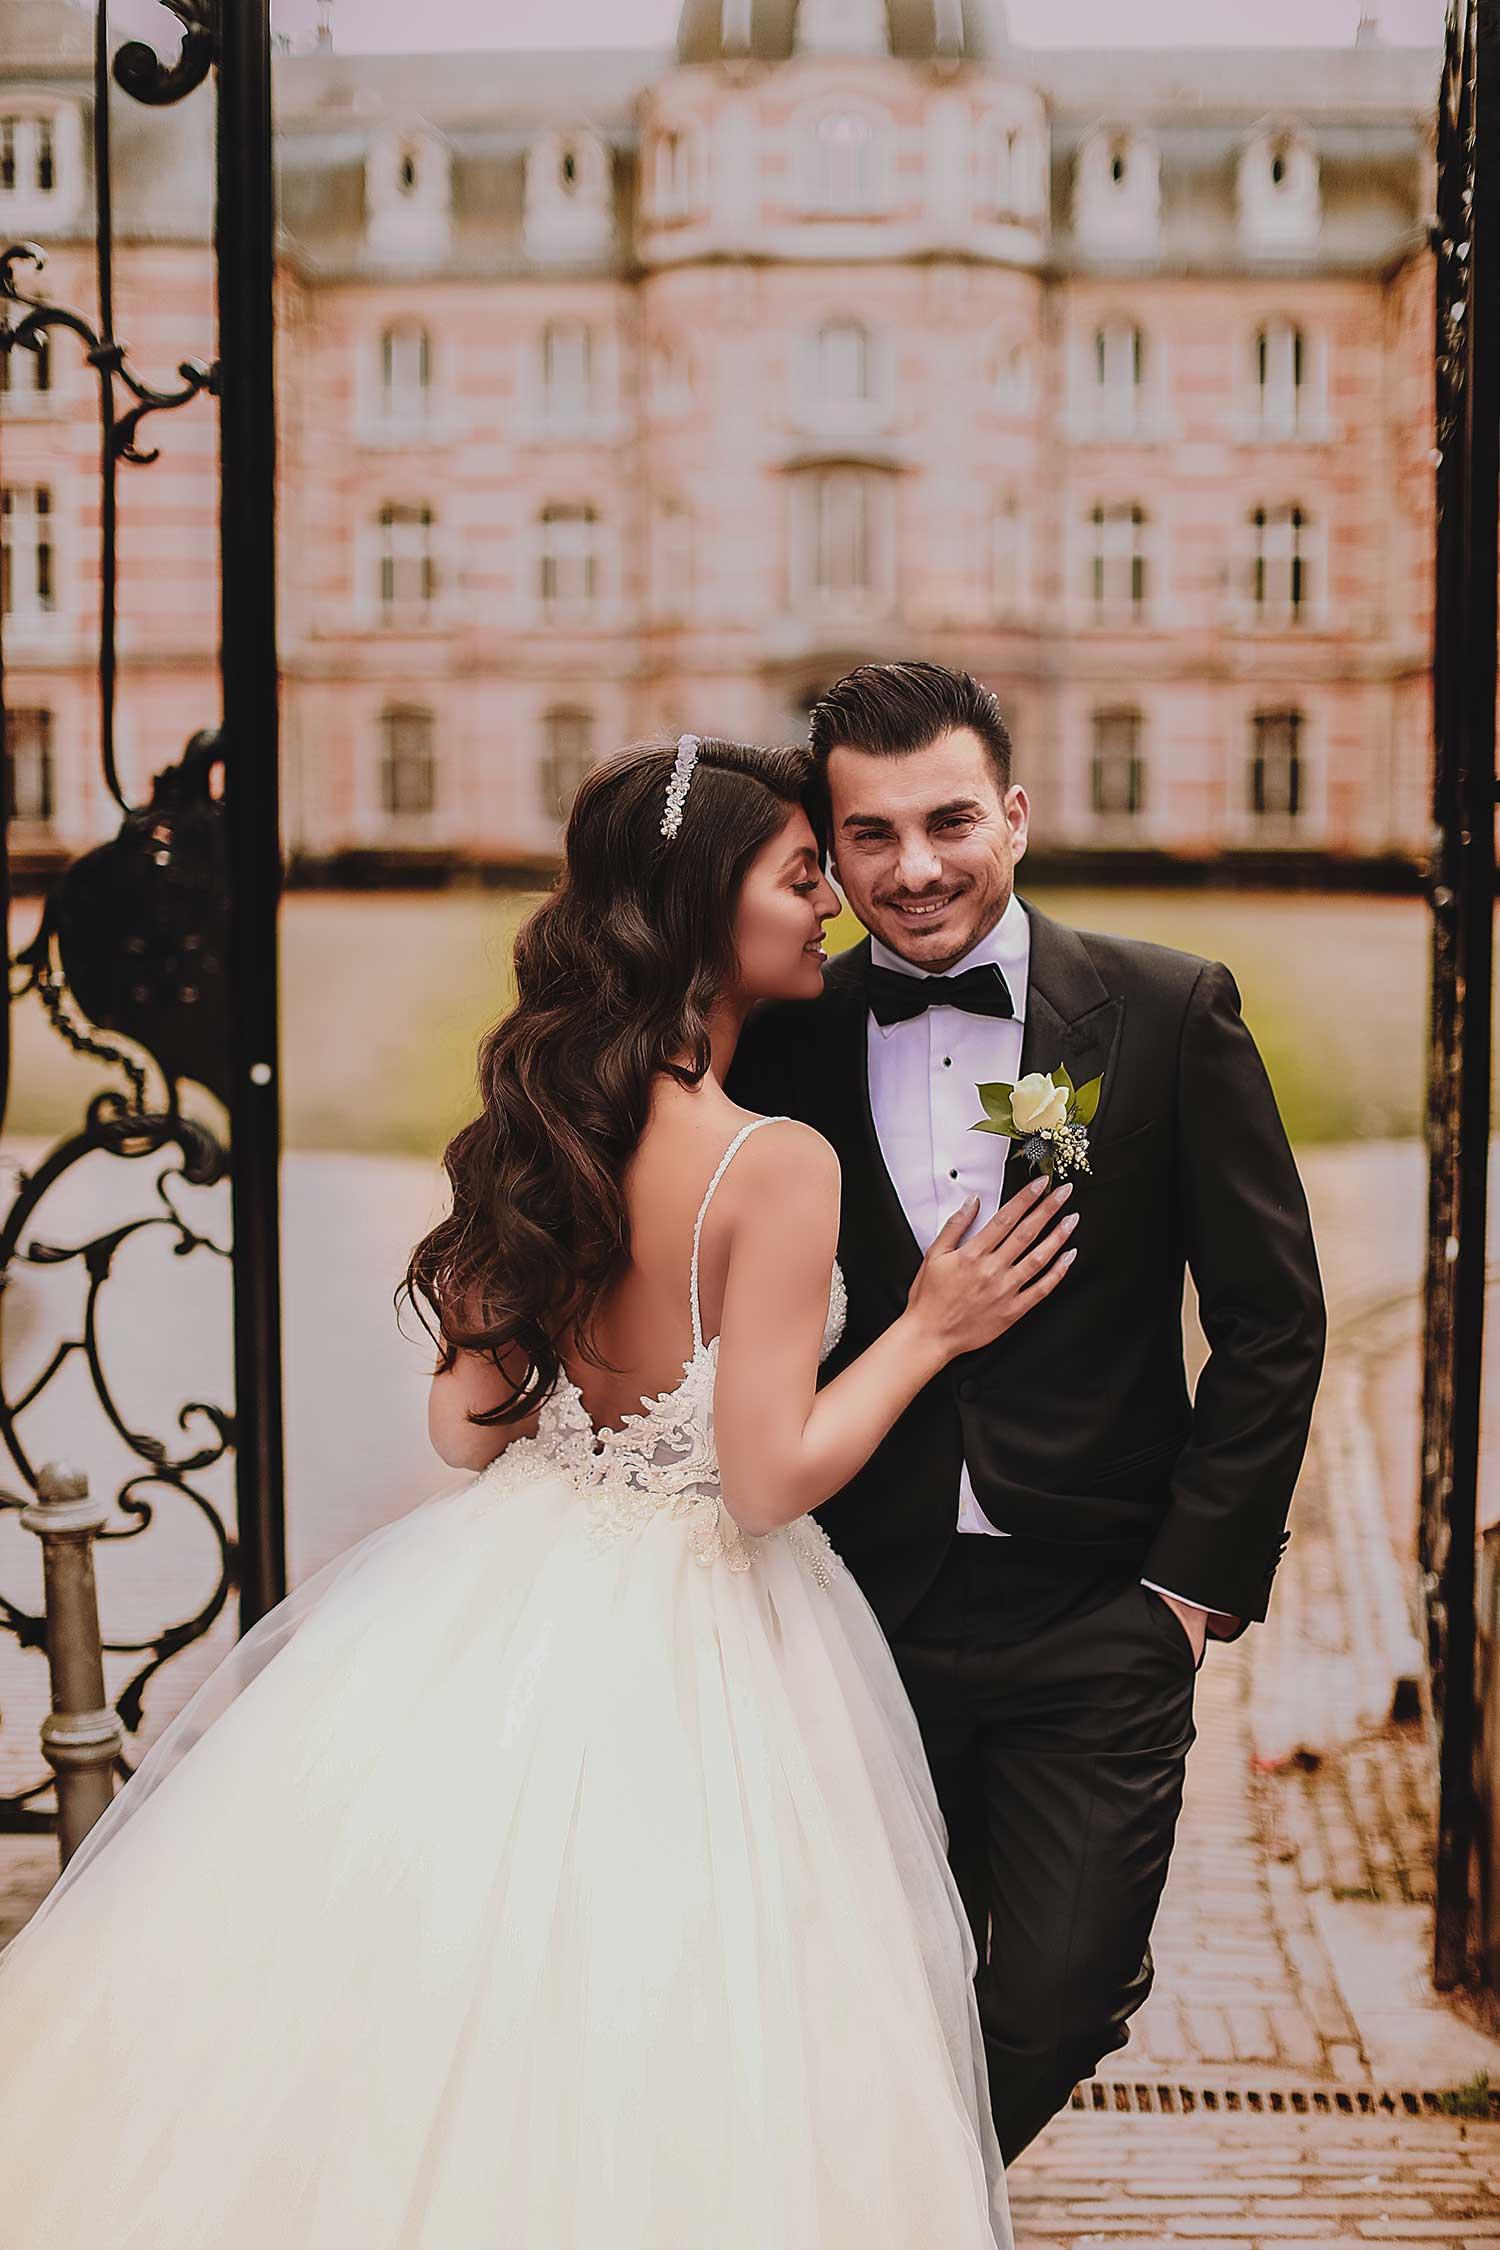 Antwerp wedding photoshoot